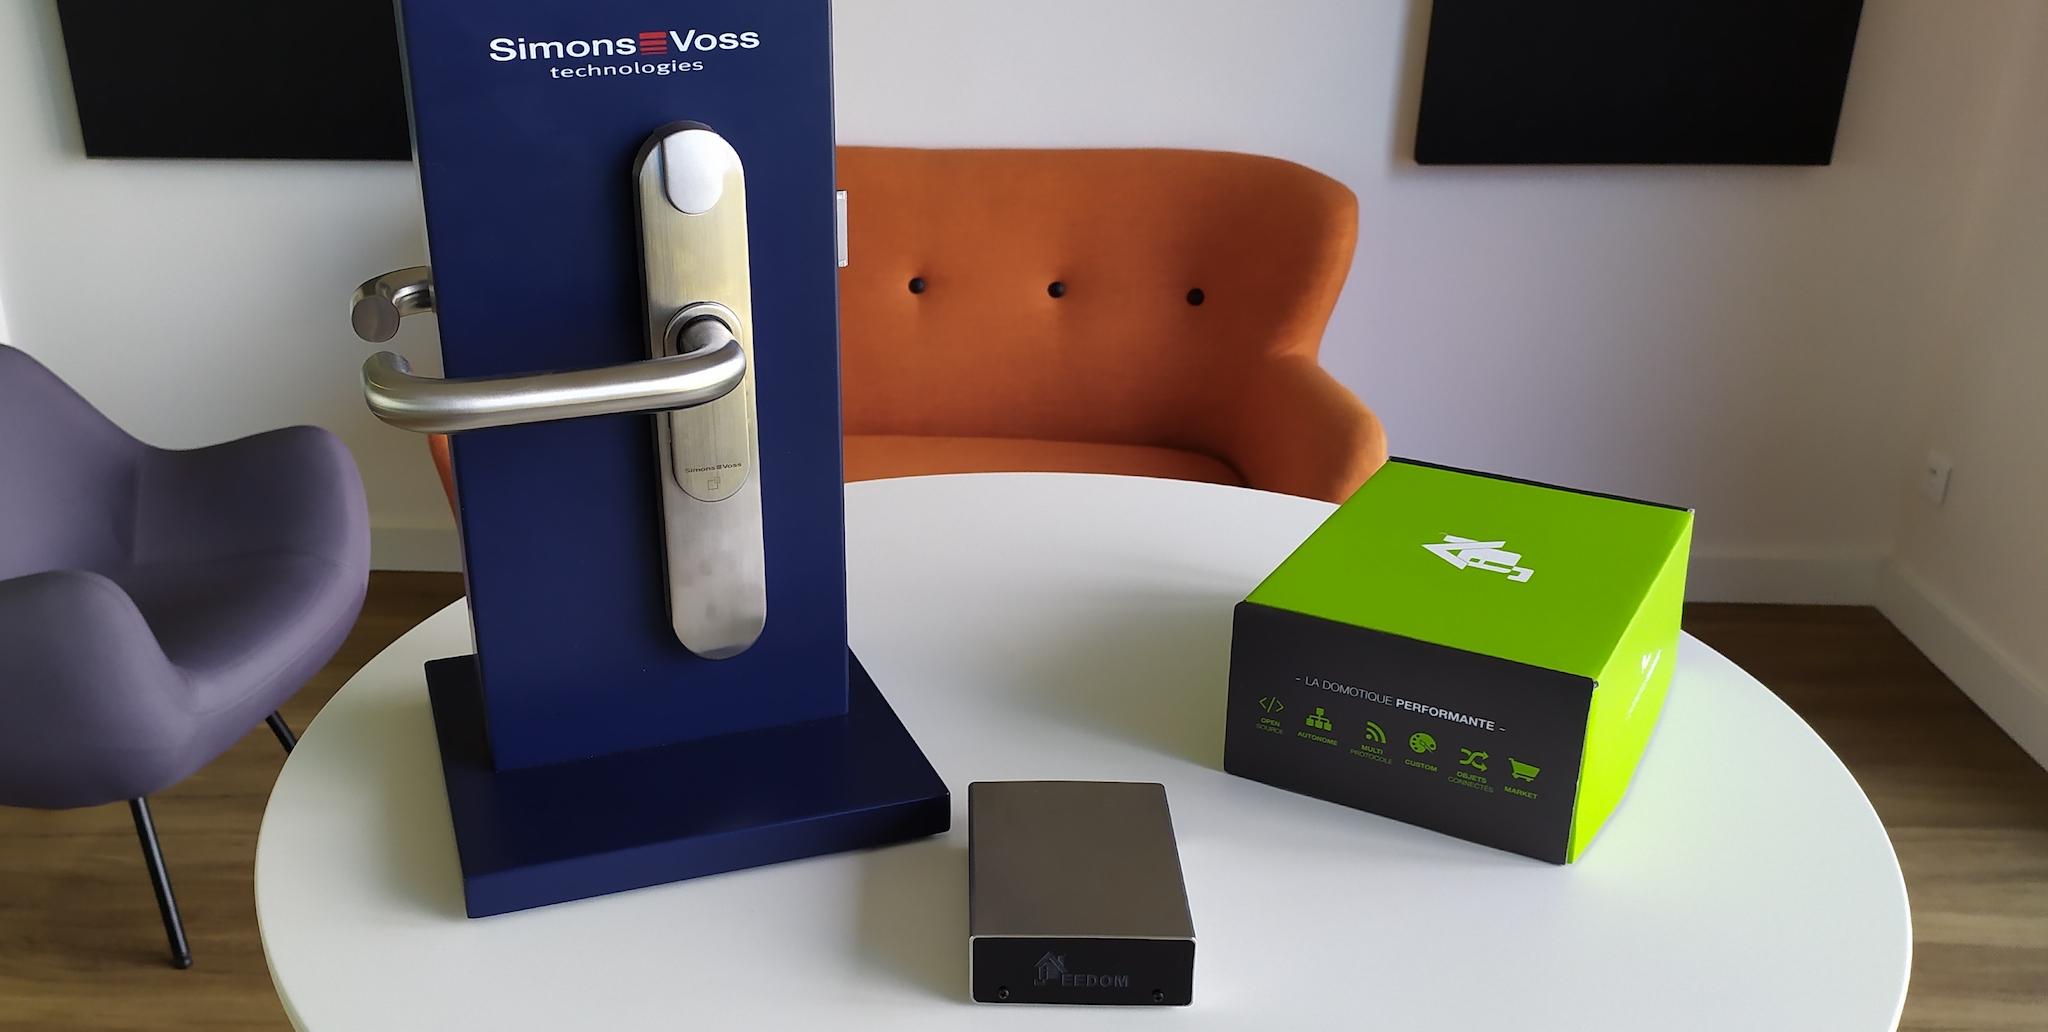 Jeedom s'allie avec SimonsVoss pour le contrôle d'accès intelligent